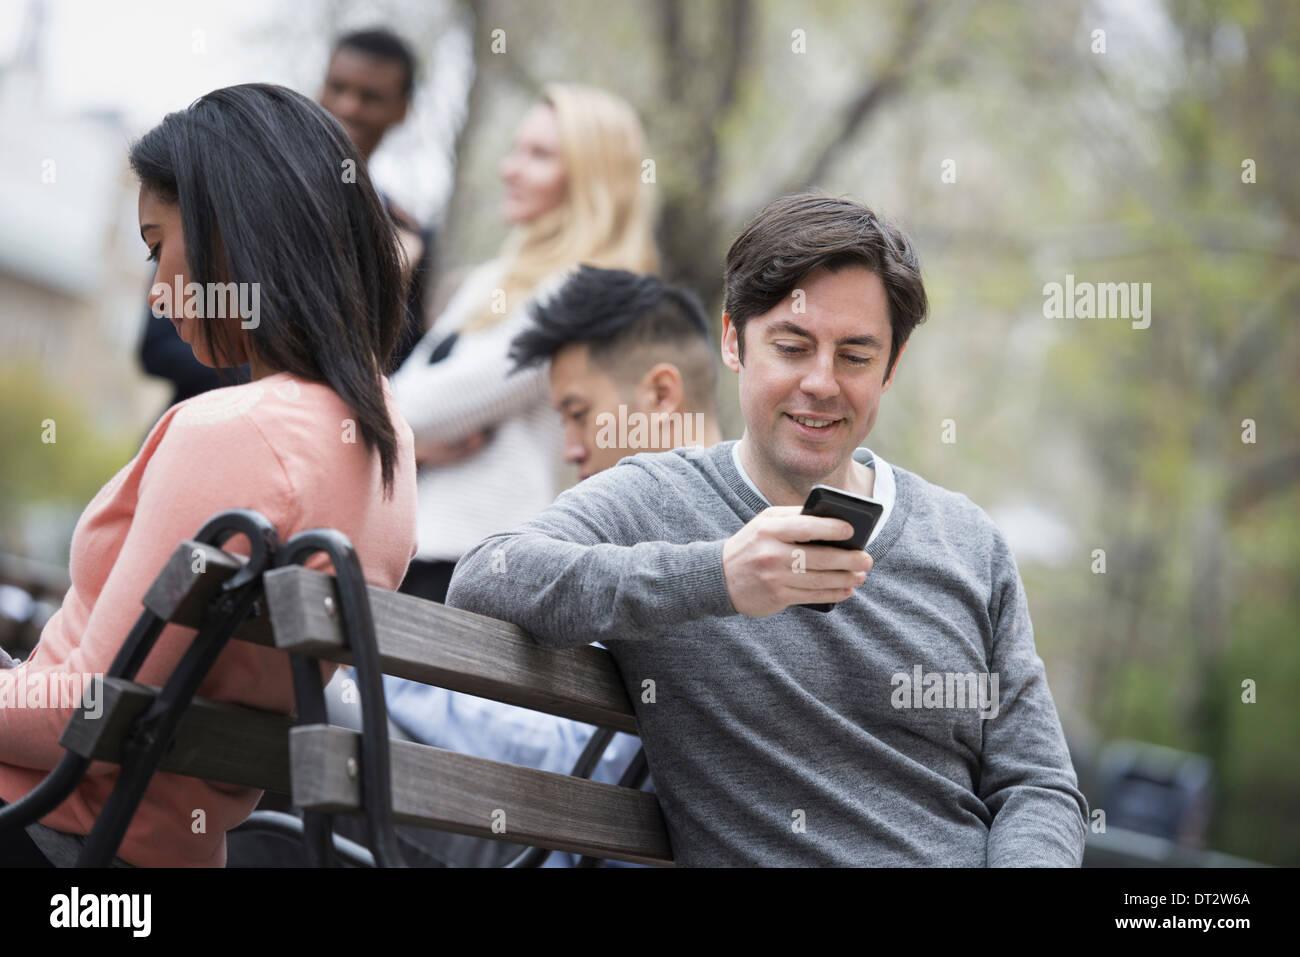 Vista sul parco citycity seduta su una panchina nel parco cinque persone uomini e donne controllare i loro telefoni cellulari Immagini Stock